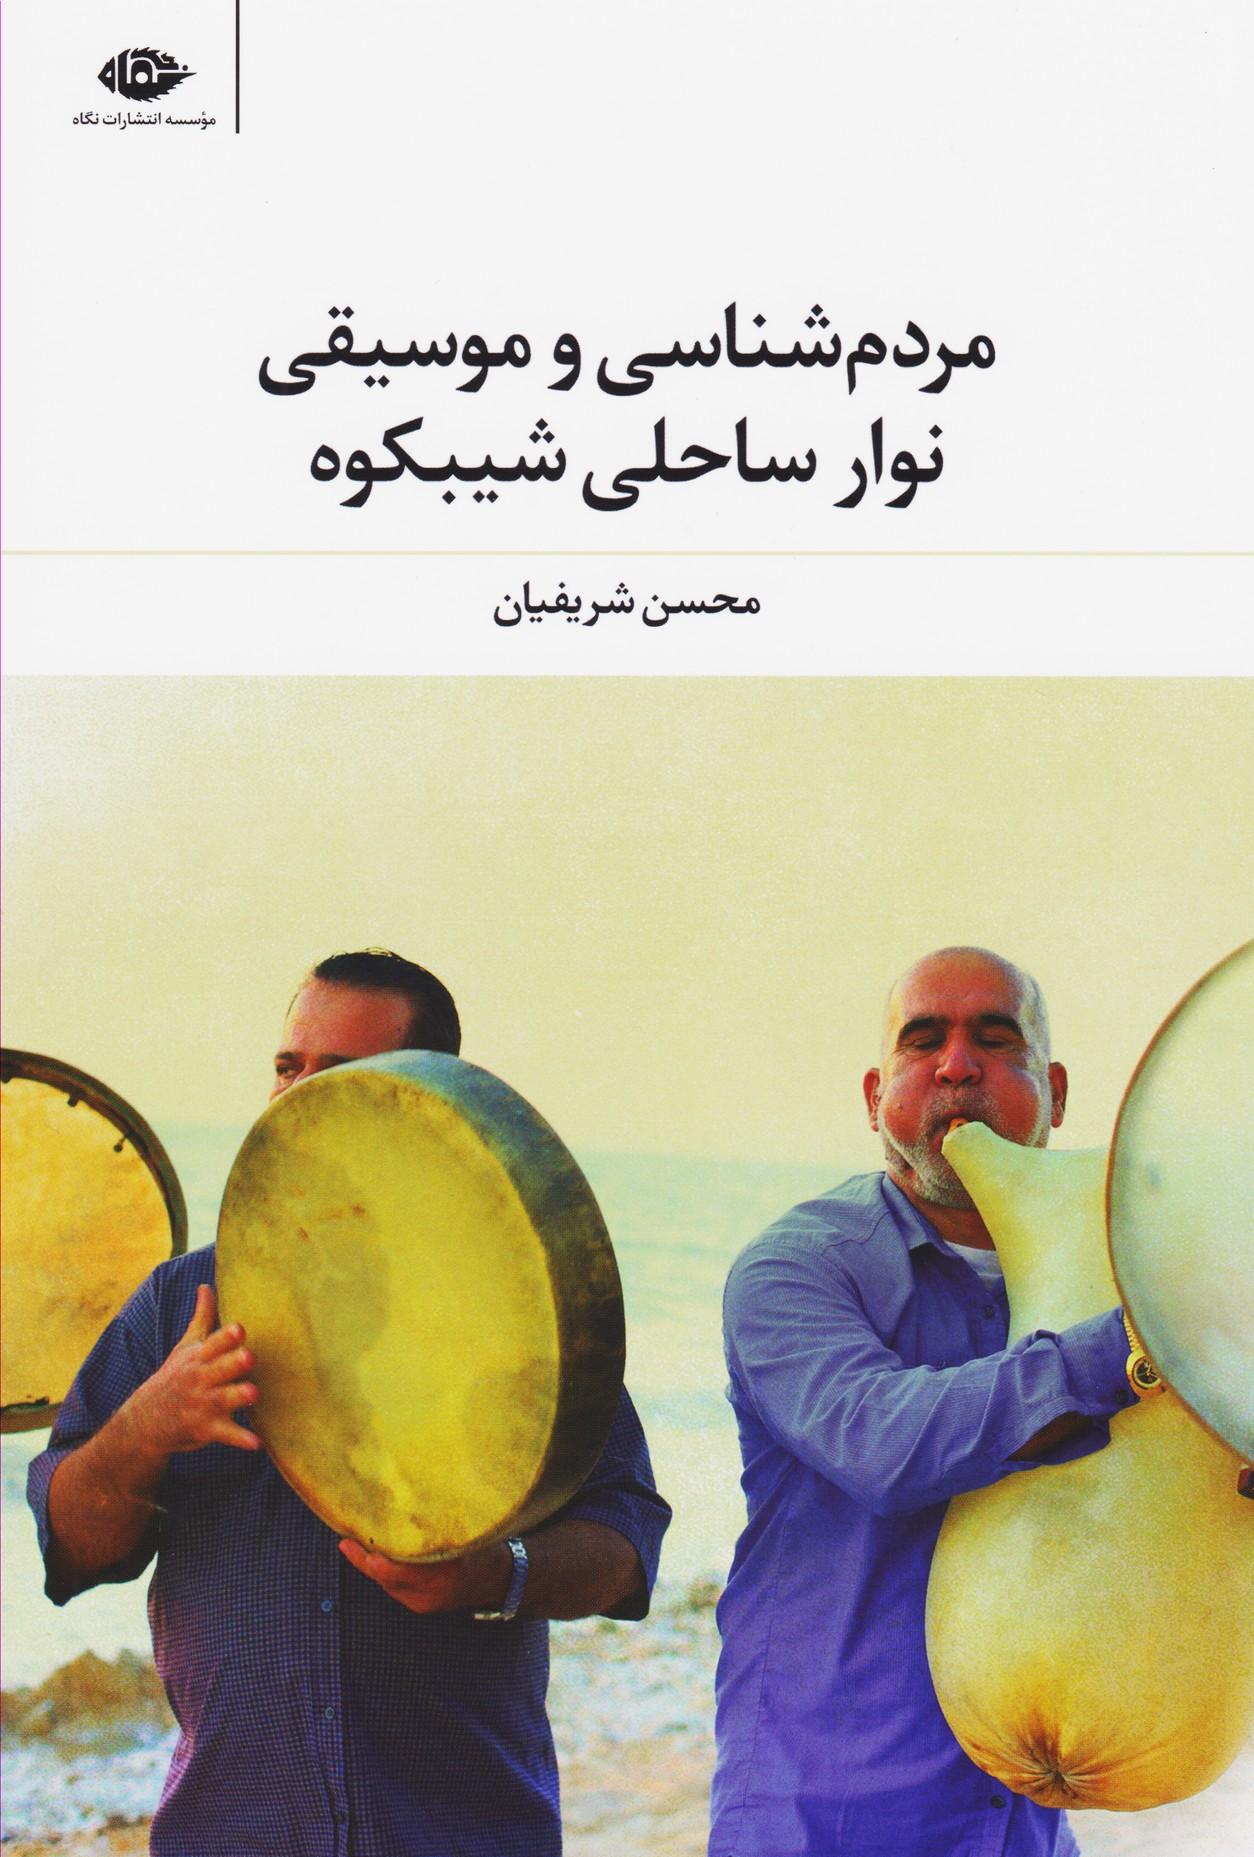 مردم شناسی و موسیقی نوار ساحلی شیبکوه